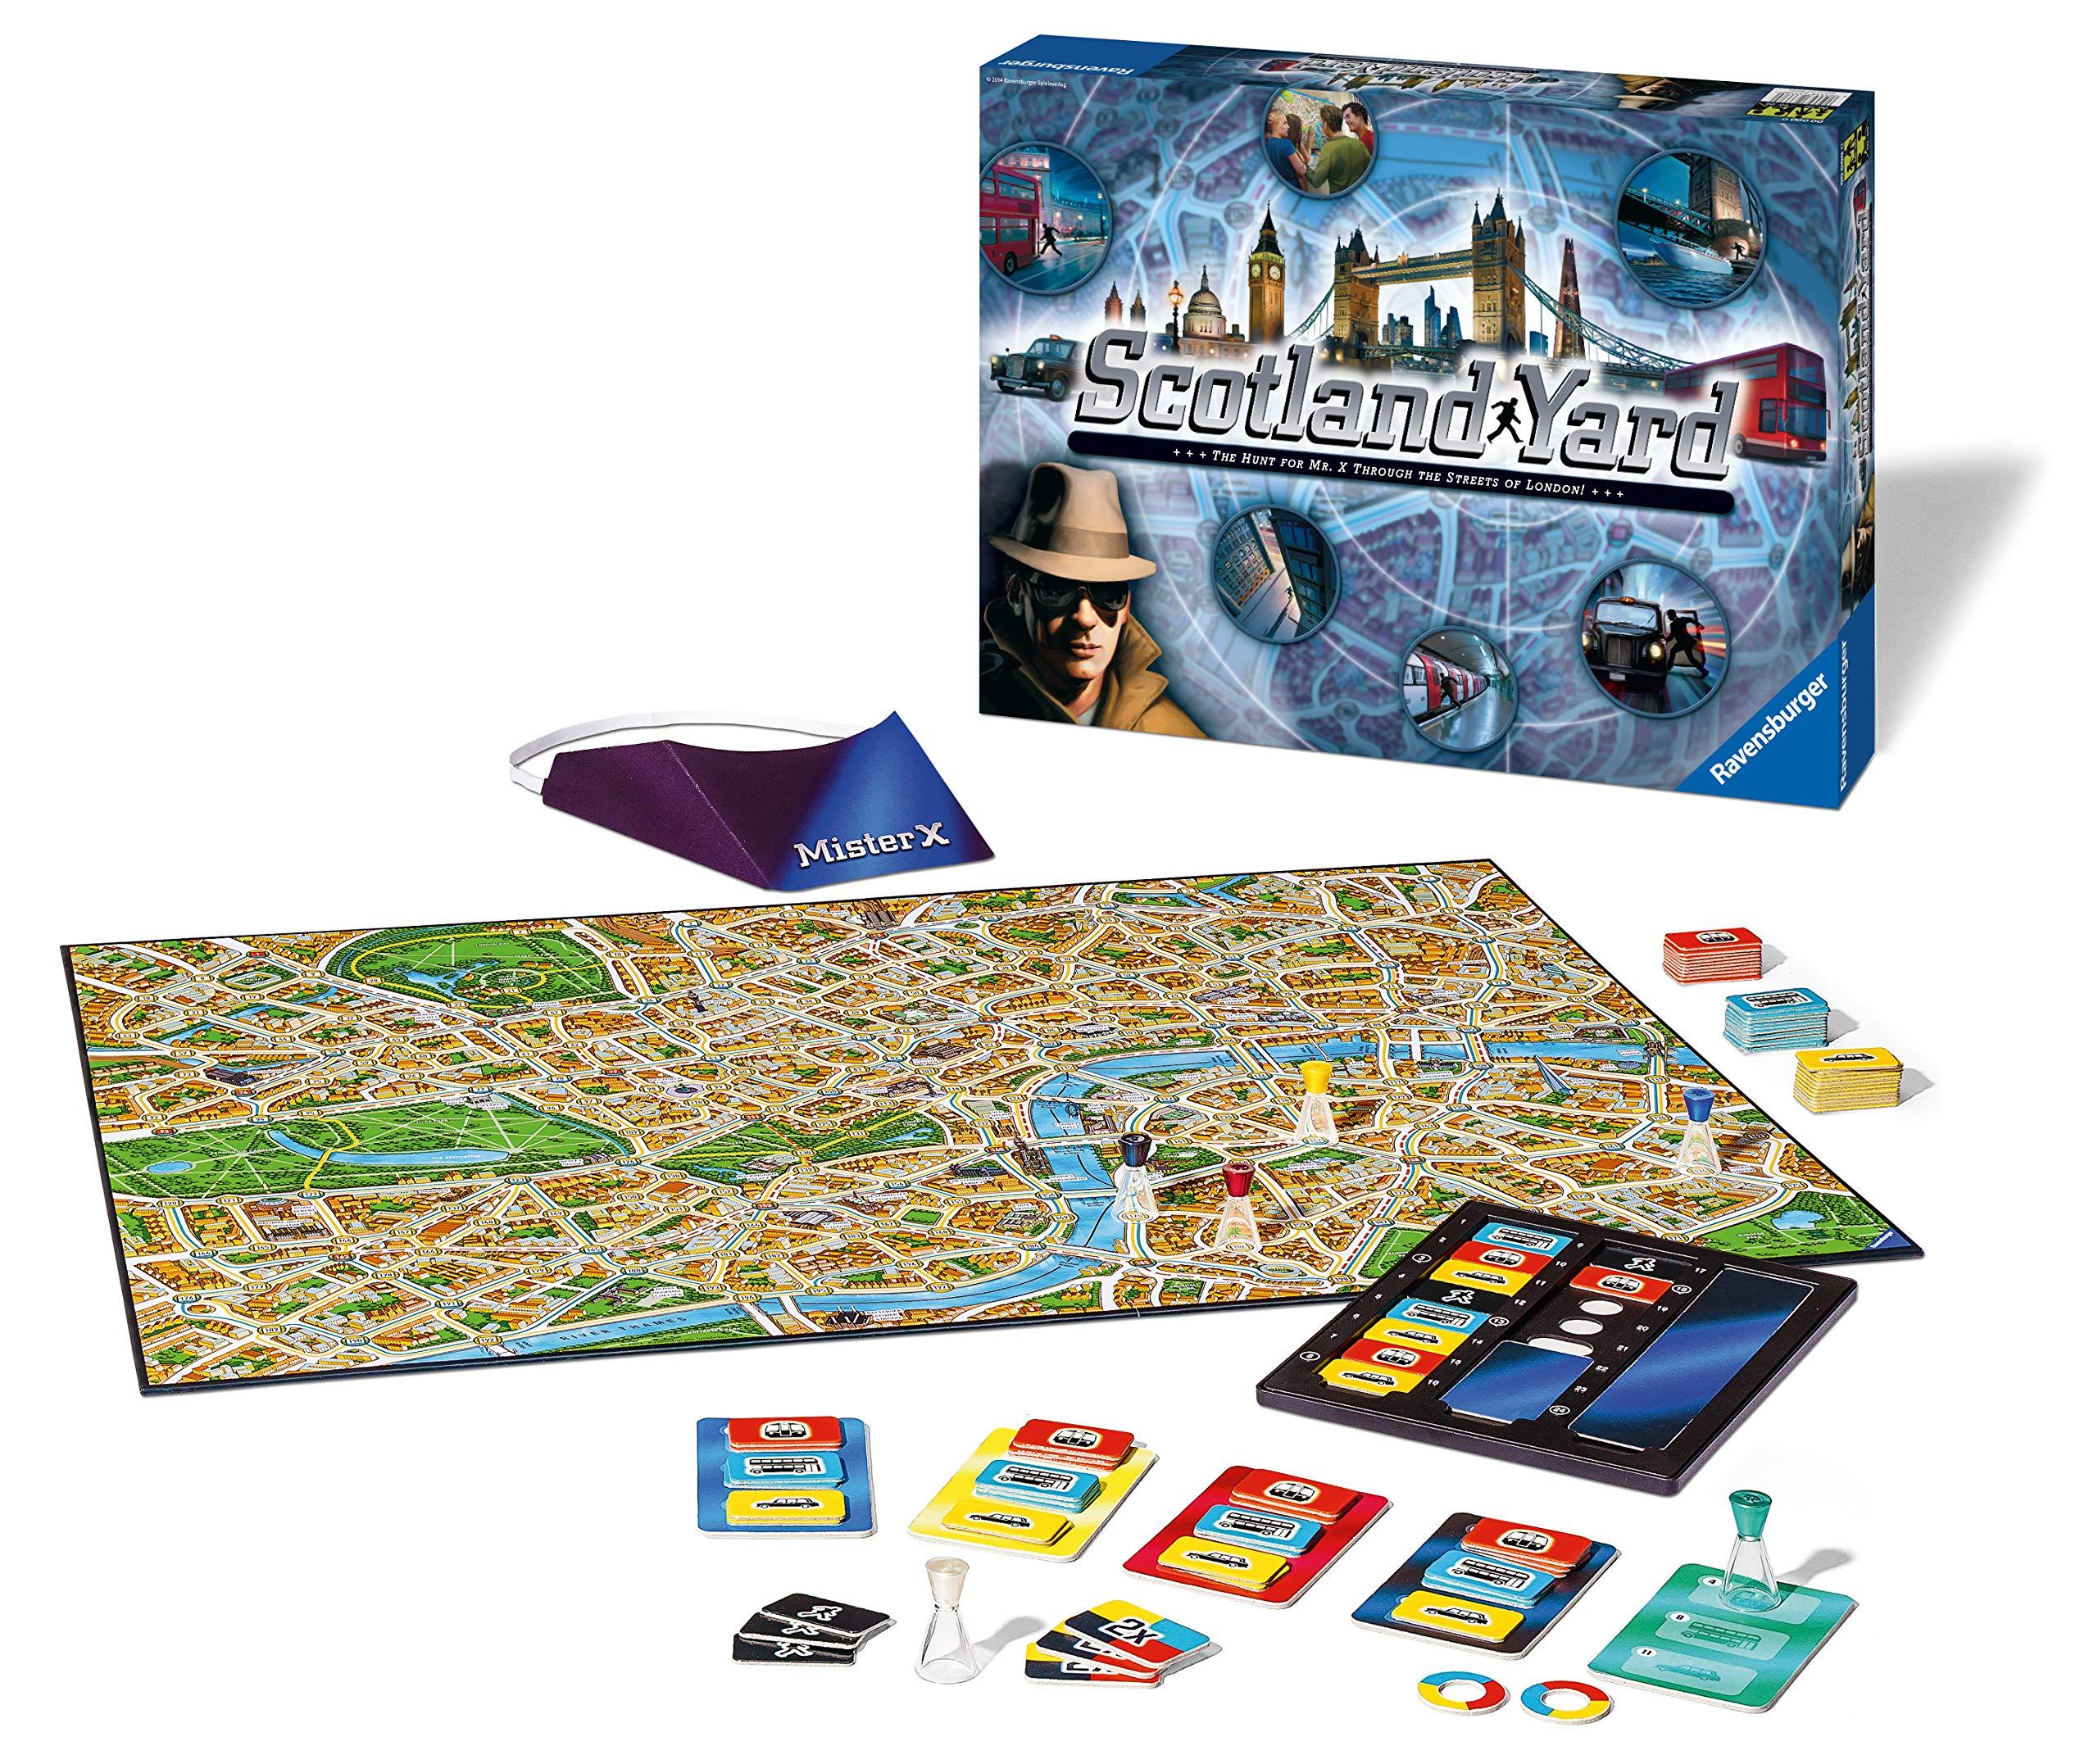 Ravensburger - Scotland Yard, Juego de Habilidad, para 6 Jugadores (26646) (Importado): Amazon.es: Juguetes y juegos